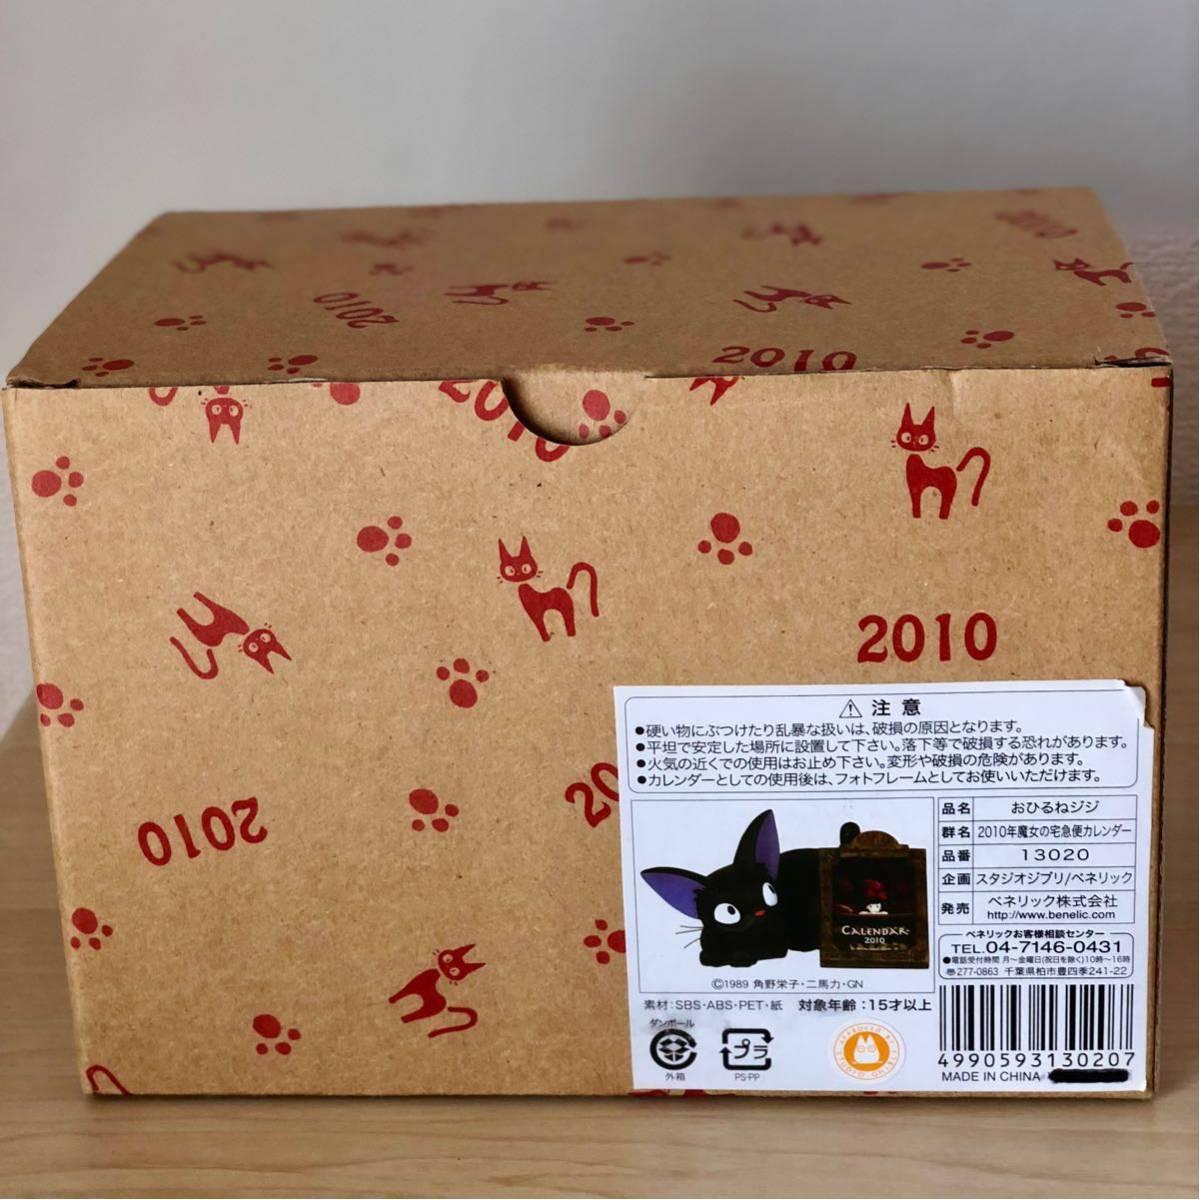 ☆魔女の宅急便☆2010年カレンダー ~おひるねジジ~ 置物 スタジオジブリ ミニフォトフレーム_画像3